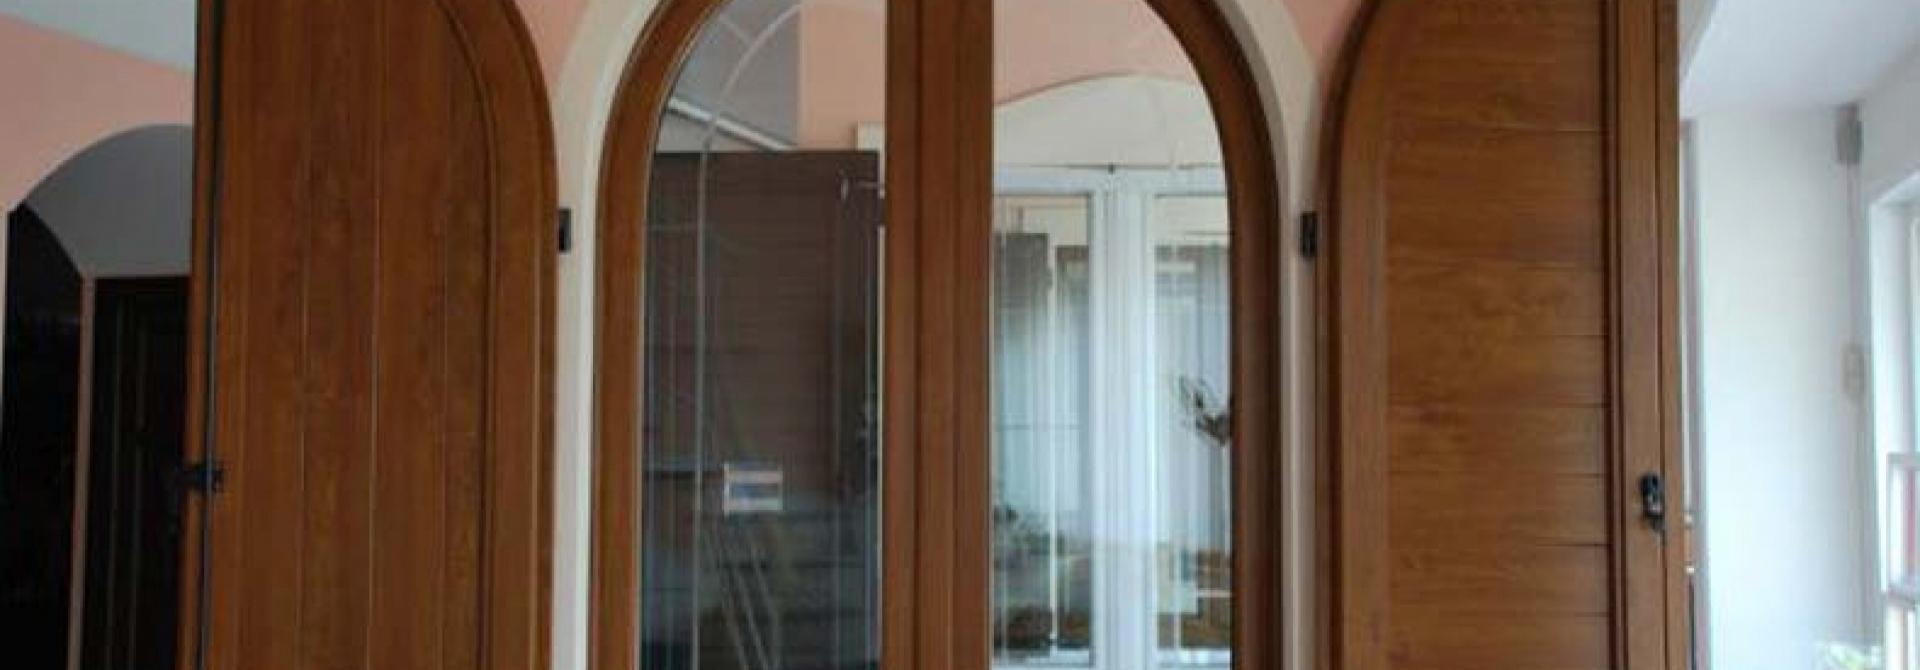 Finestre pvc bologna finestre in pvc su misura for Finestre su misura bricoman